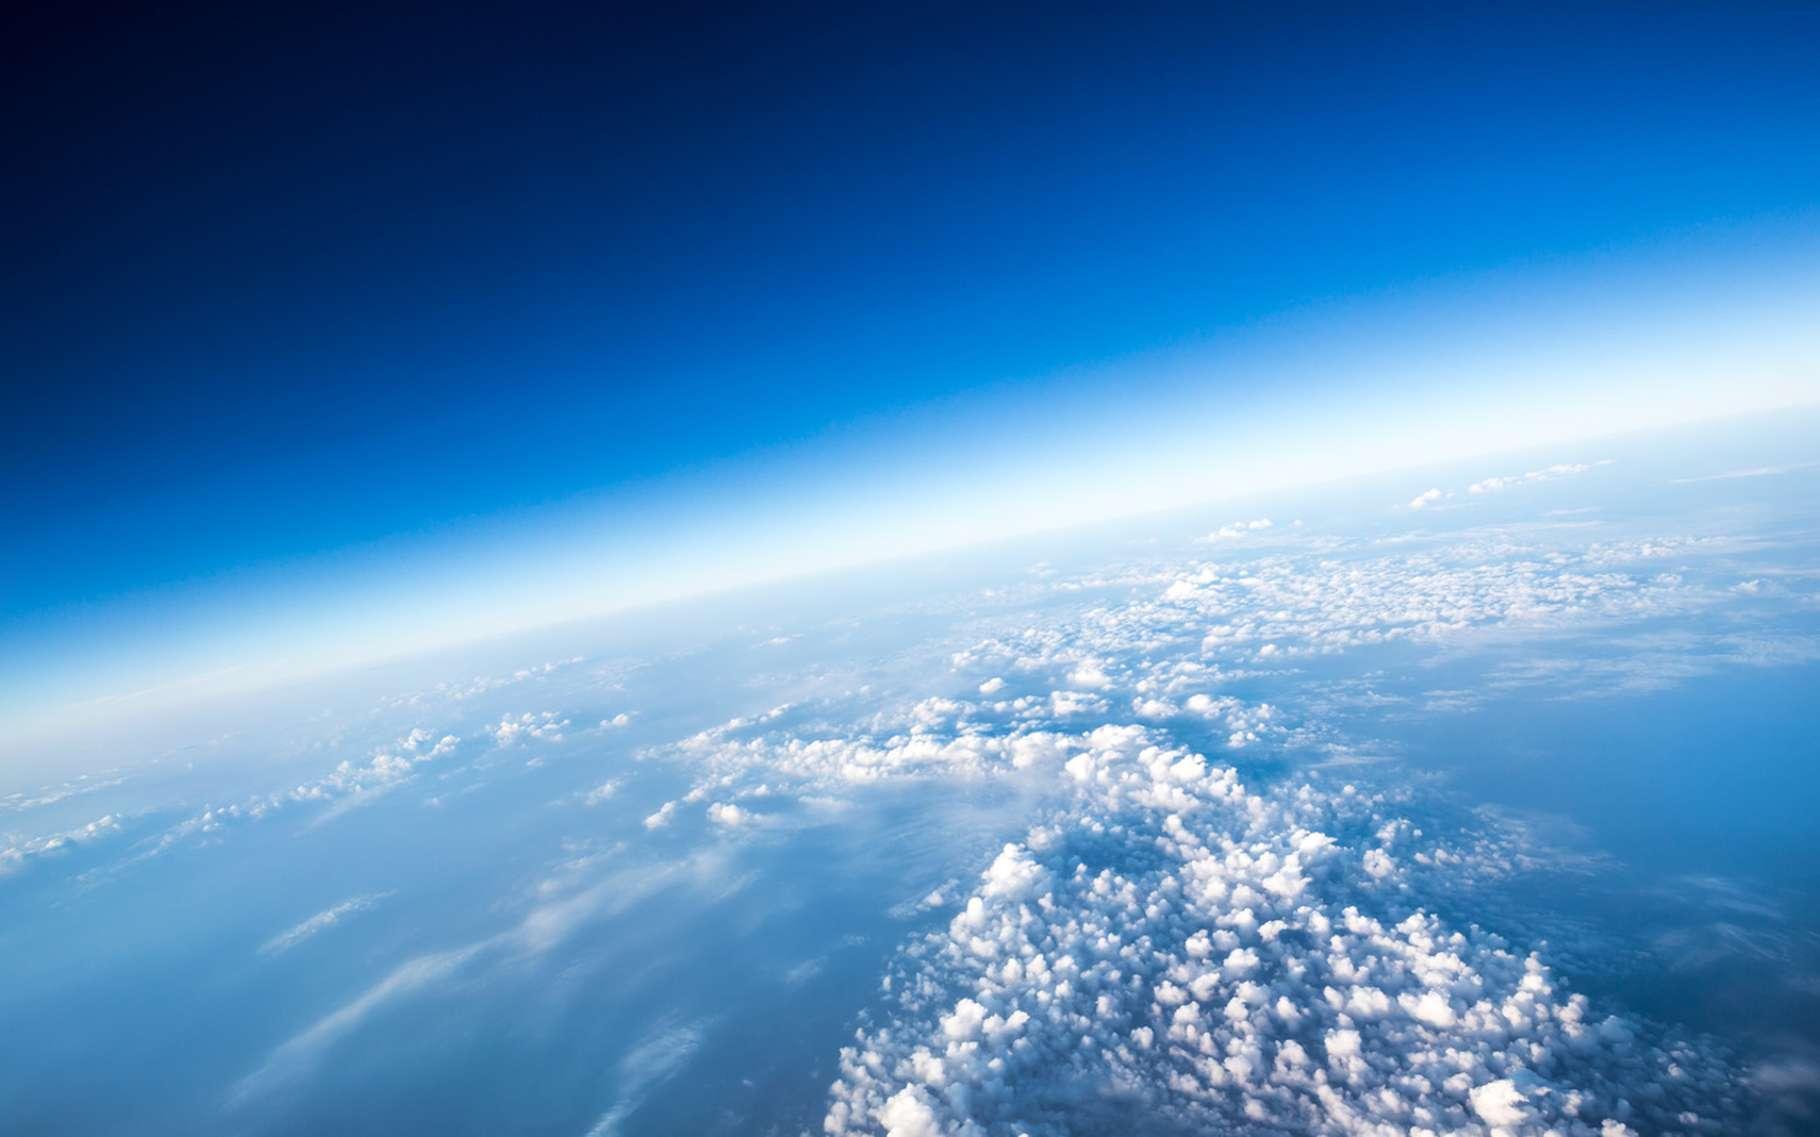 Dans la haute atmosphère, une couche d'ozone nous protège des rayons UV du Soleil. © Andrey Armyagov, Fotolia